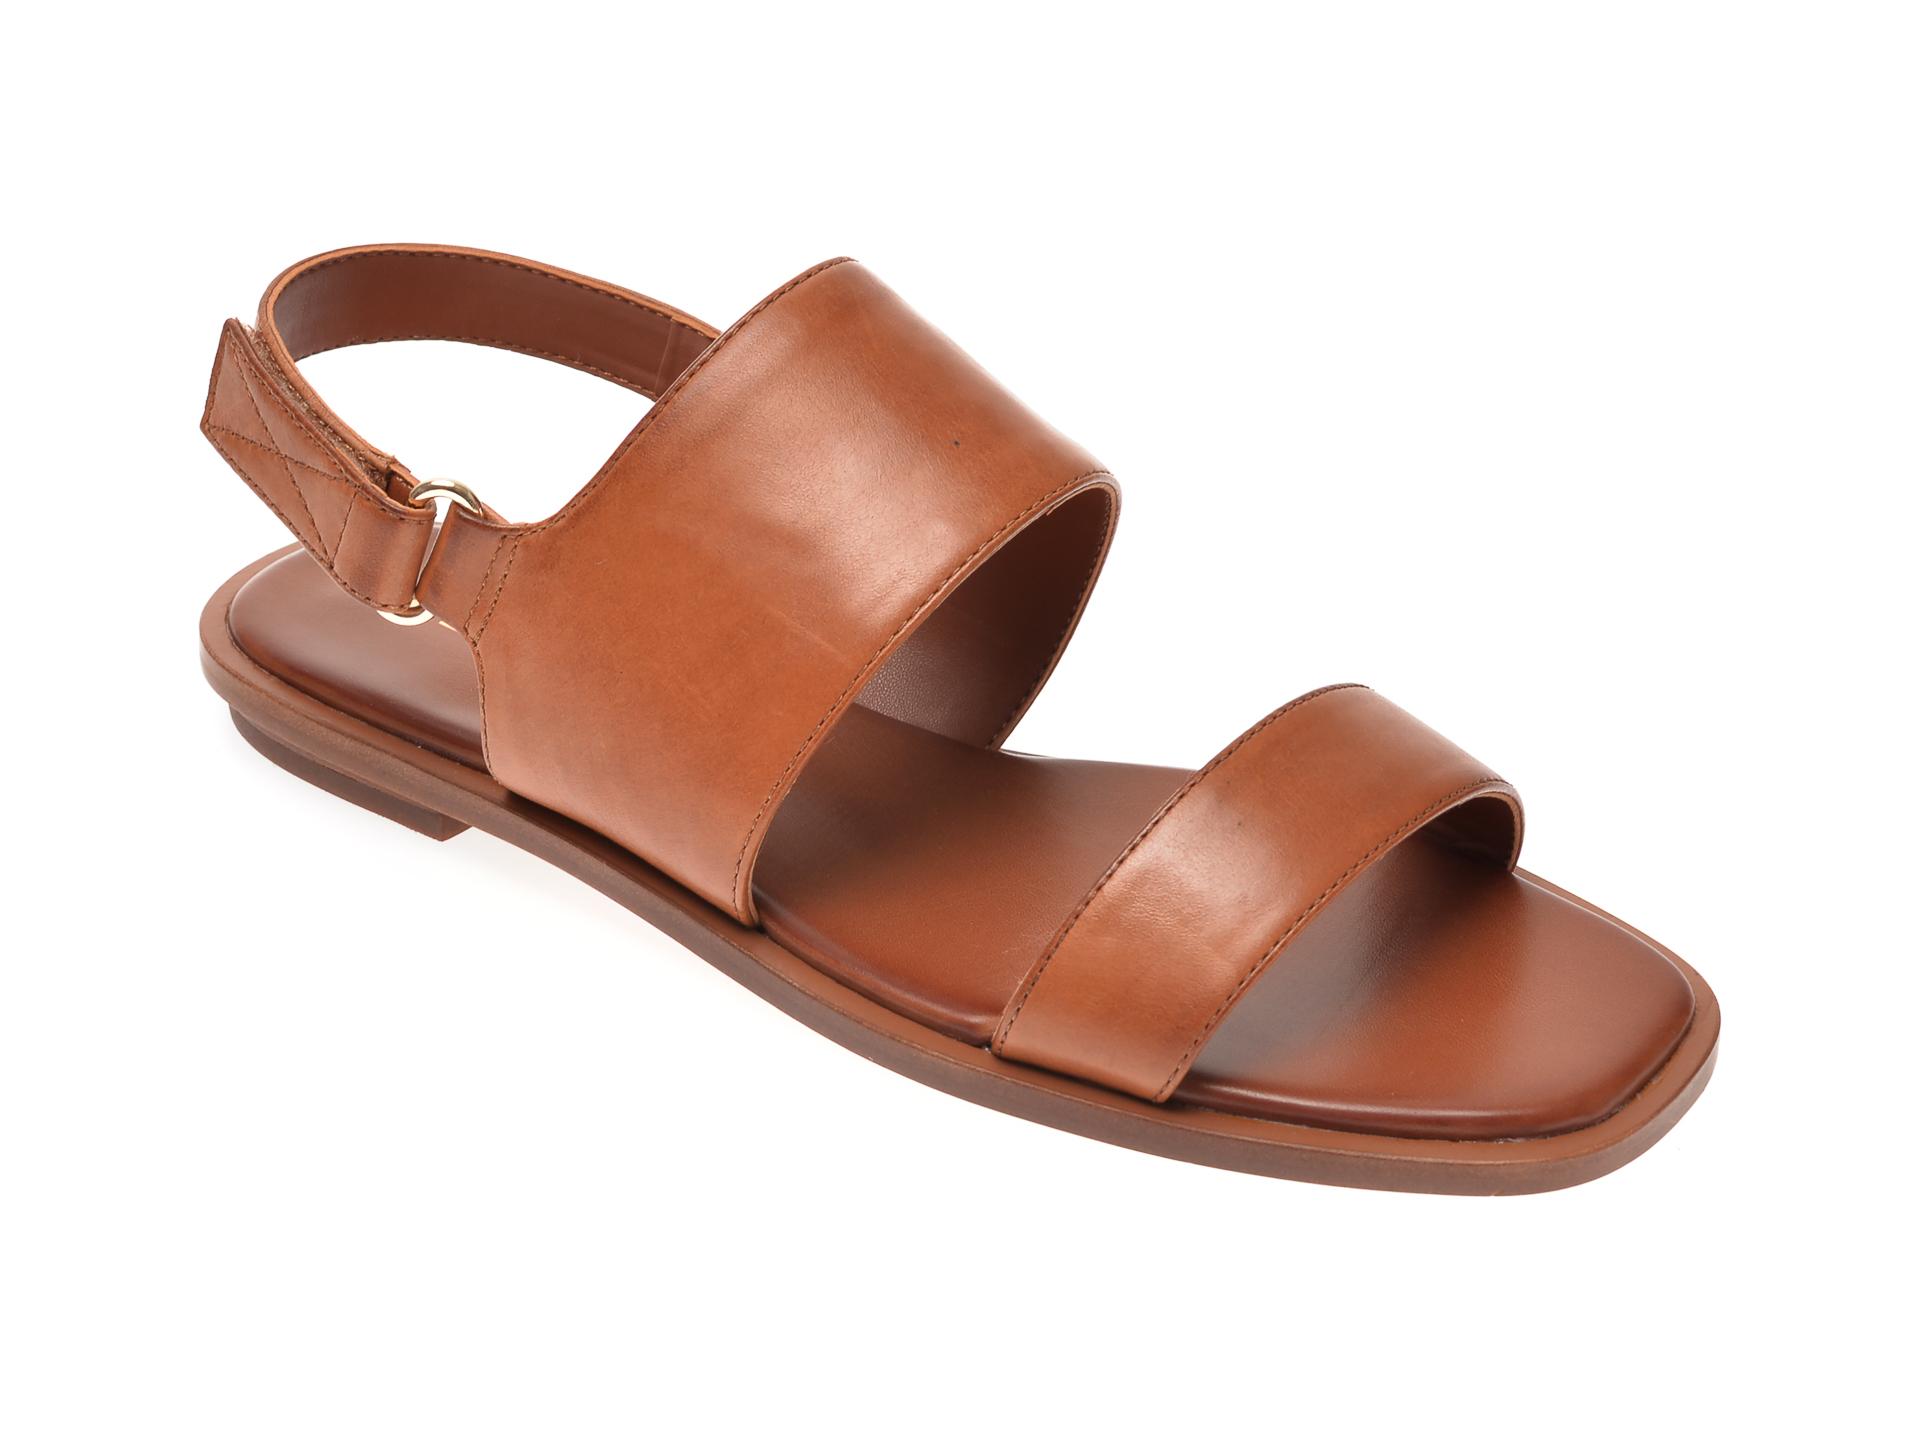 Sandale ALDO maro, Sula220, din piele naturala imagine otter.ro 2021